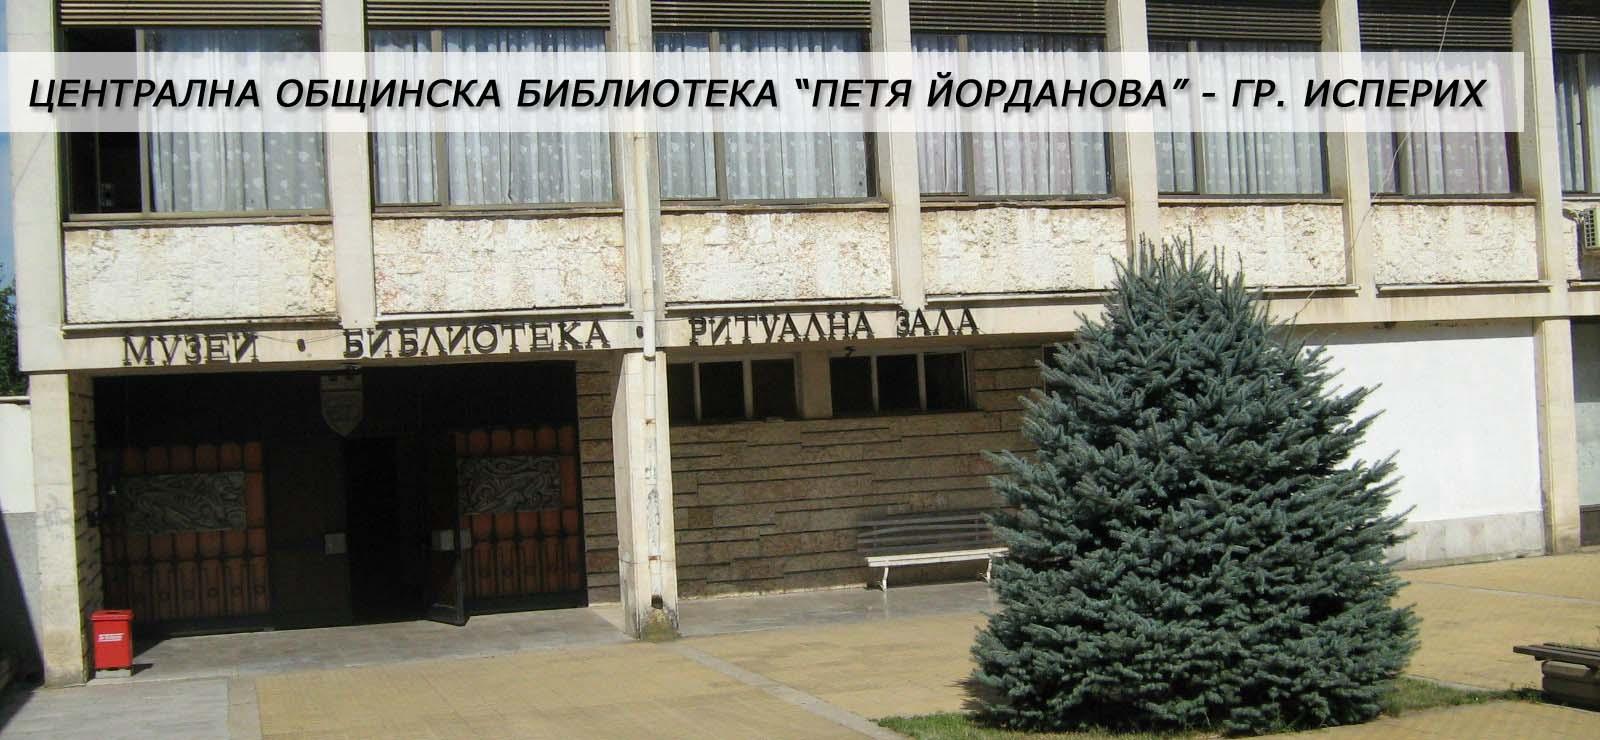 """Централна общинска библиотека """"Петя Йорданова"""" гр. Исперих"""